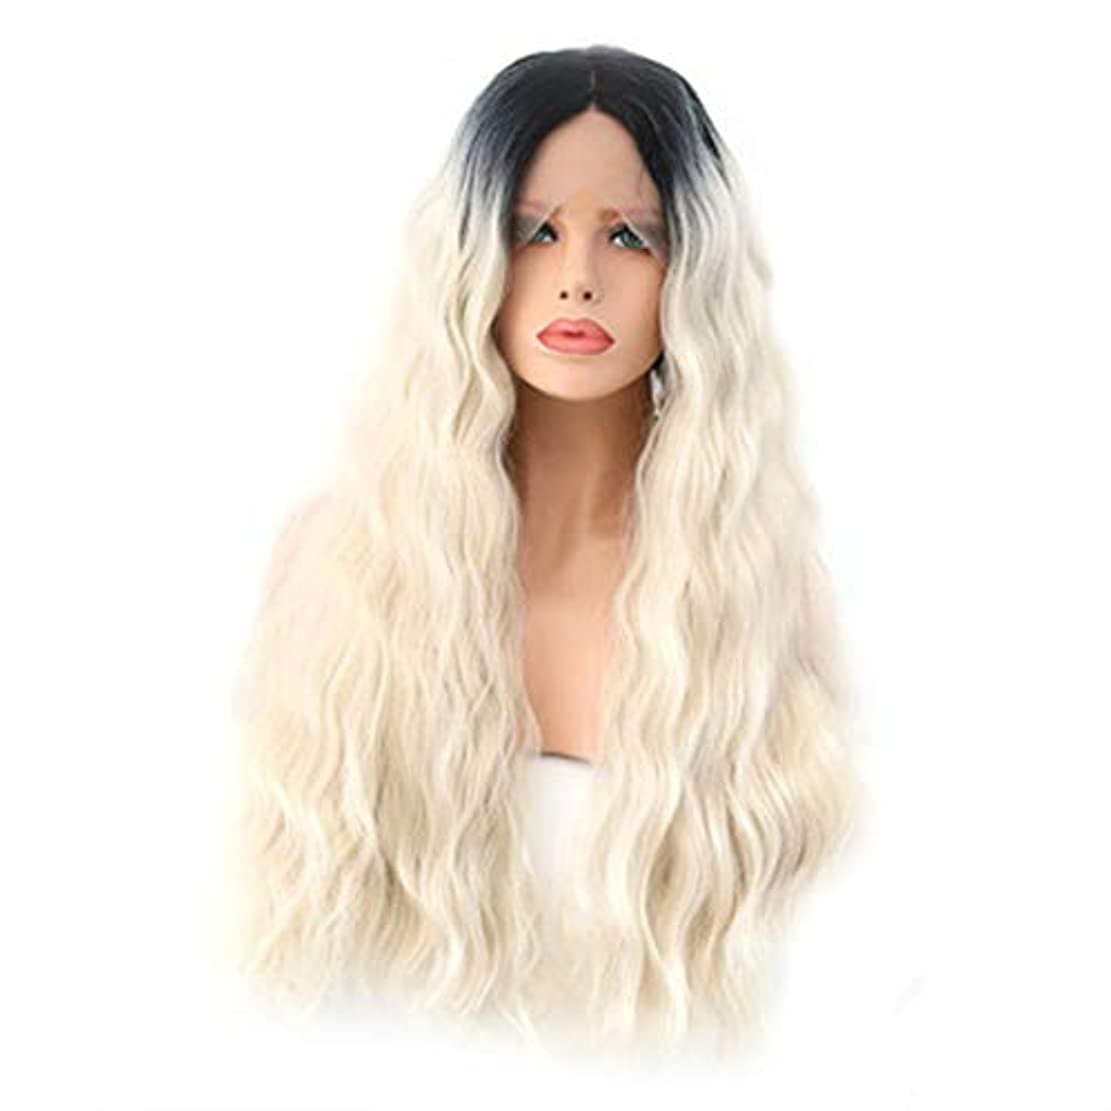 引き渡す泣いている粘液ヘアピース 女性のファッションの長い巻き毛のグラデーション色は化学繊維のかつらを染めることができます